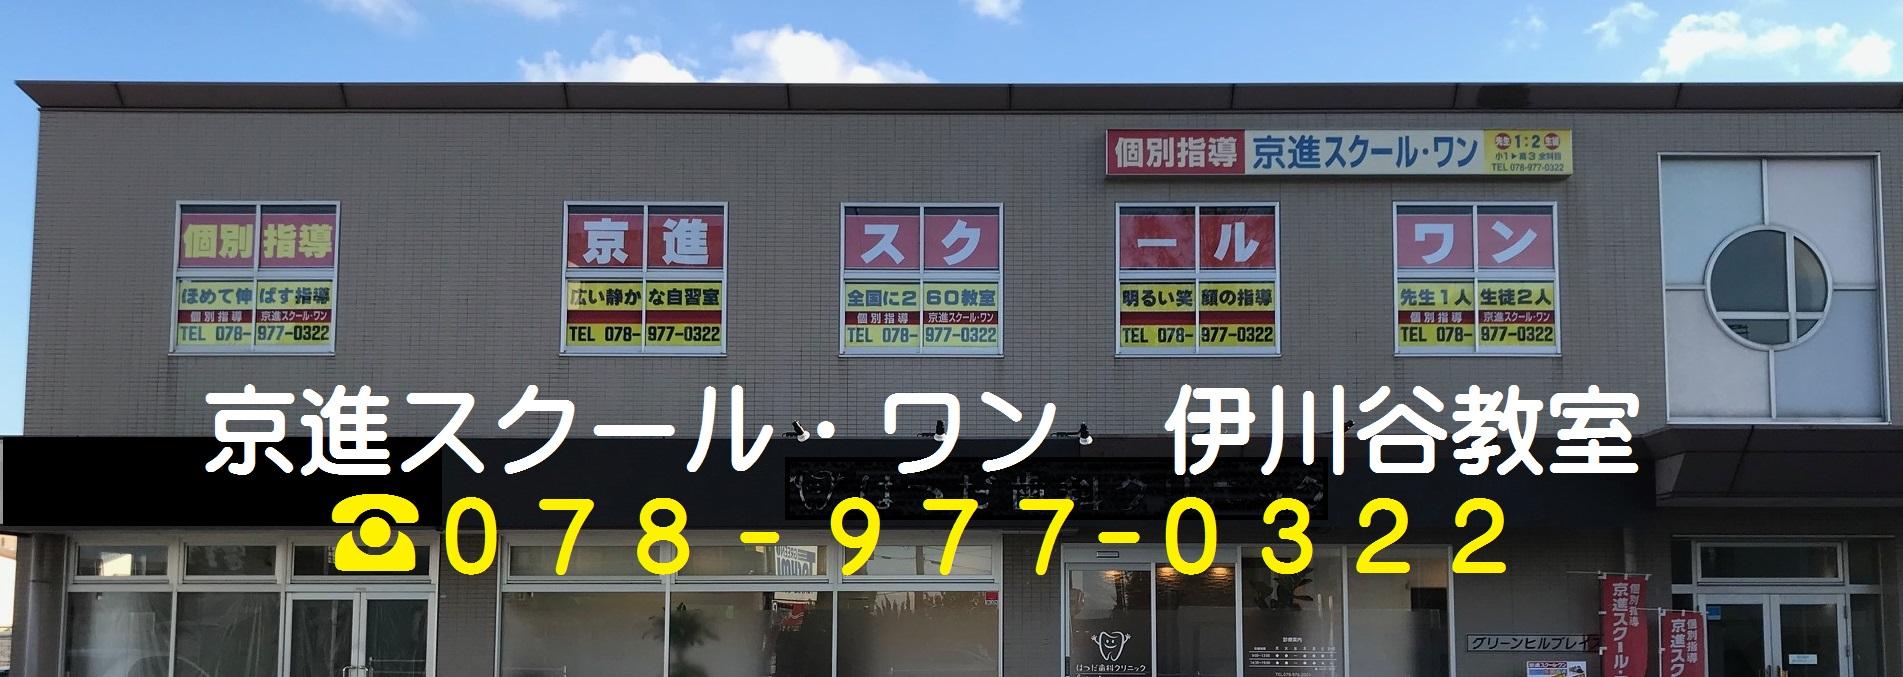 神戸市西区|伊川谷で人気の個別指導塾|京進スクールワン